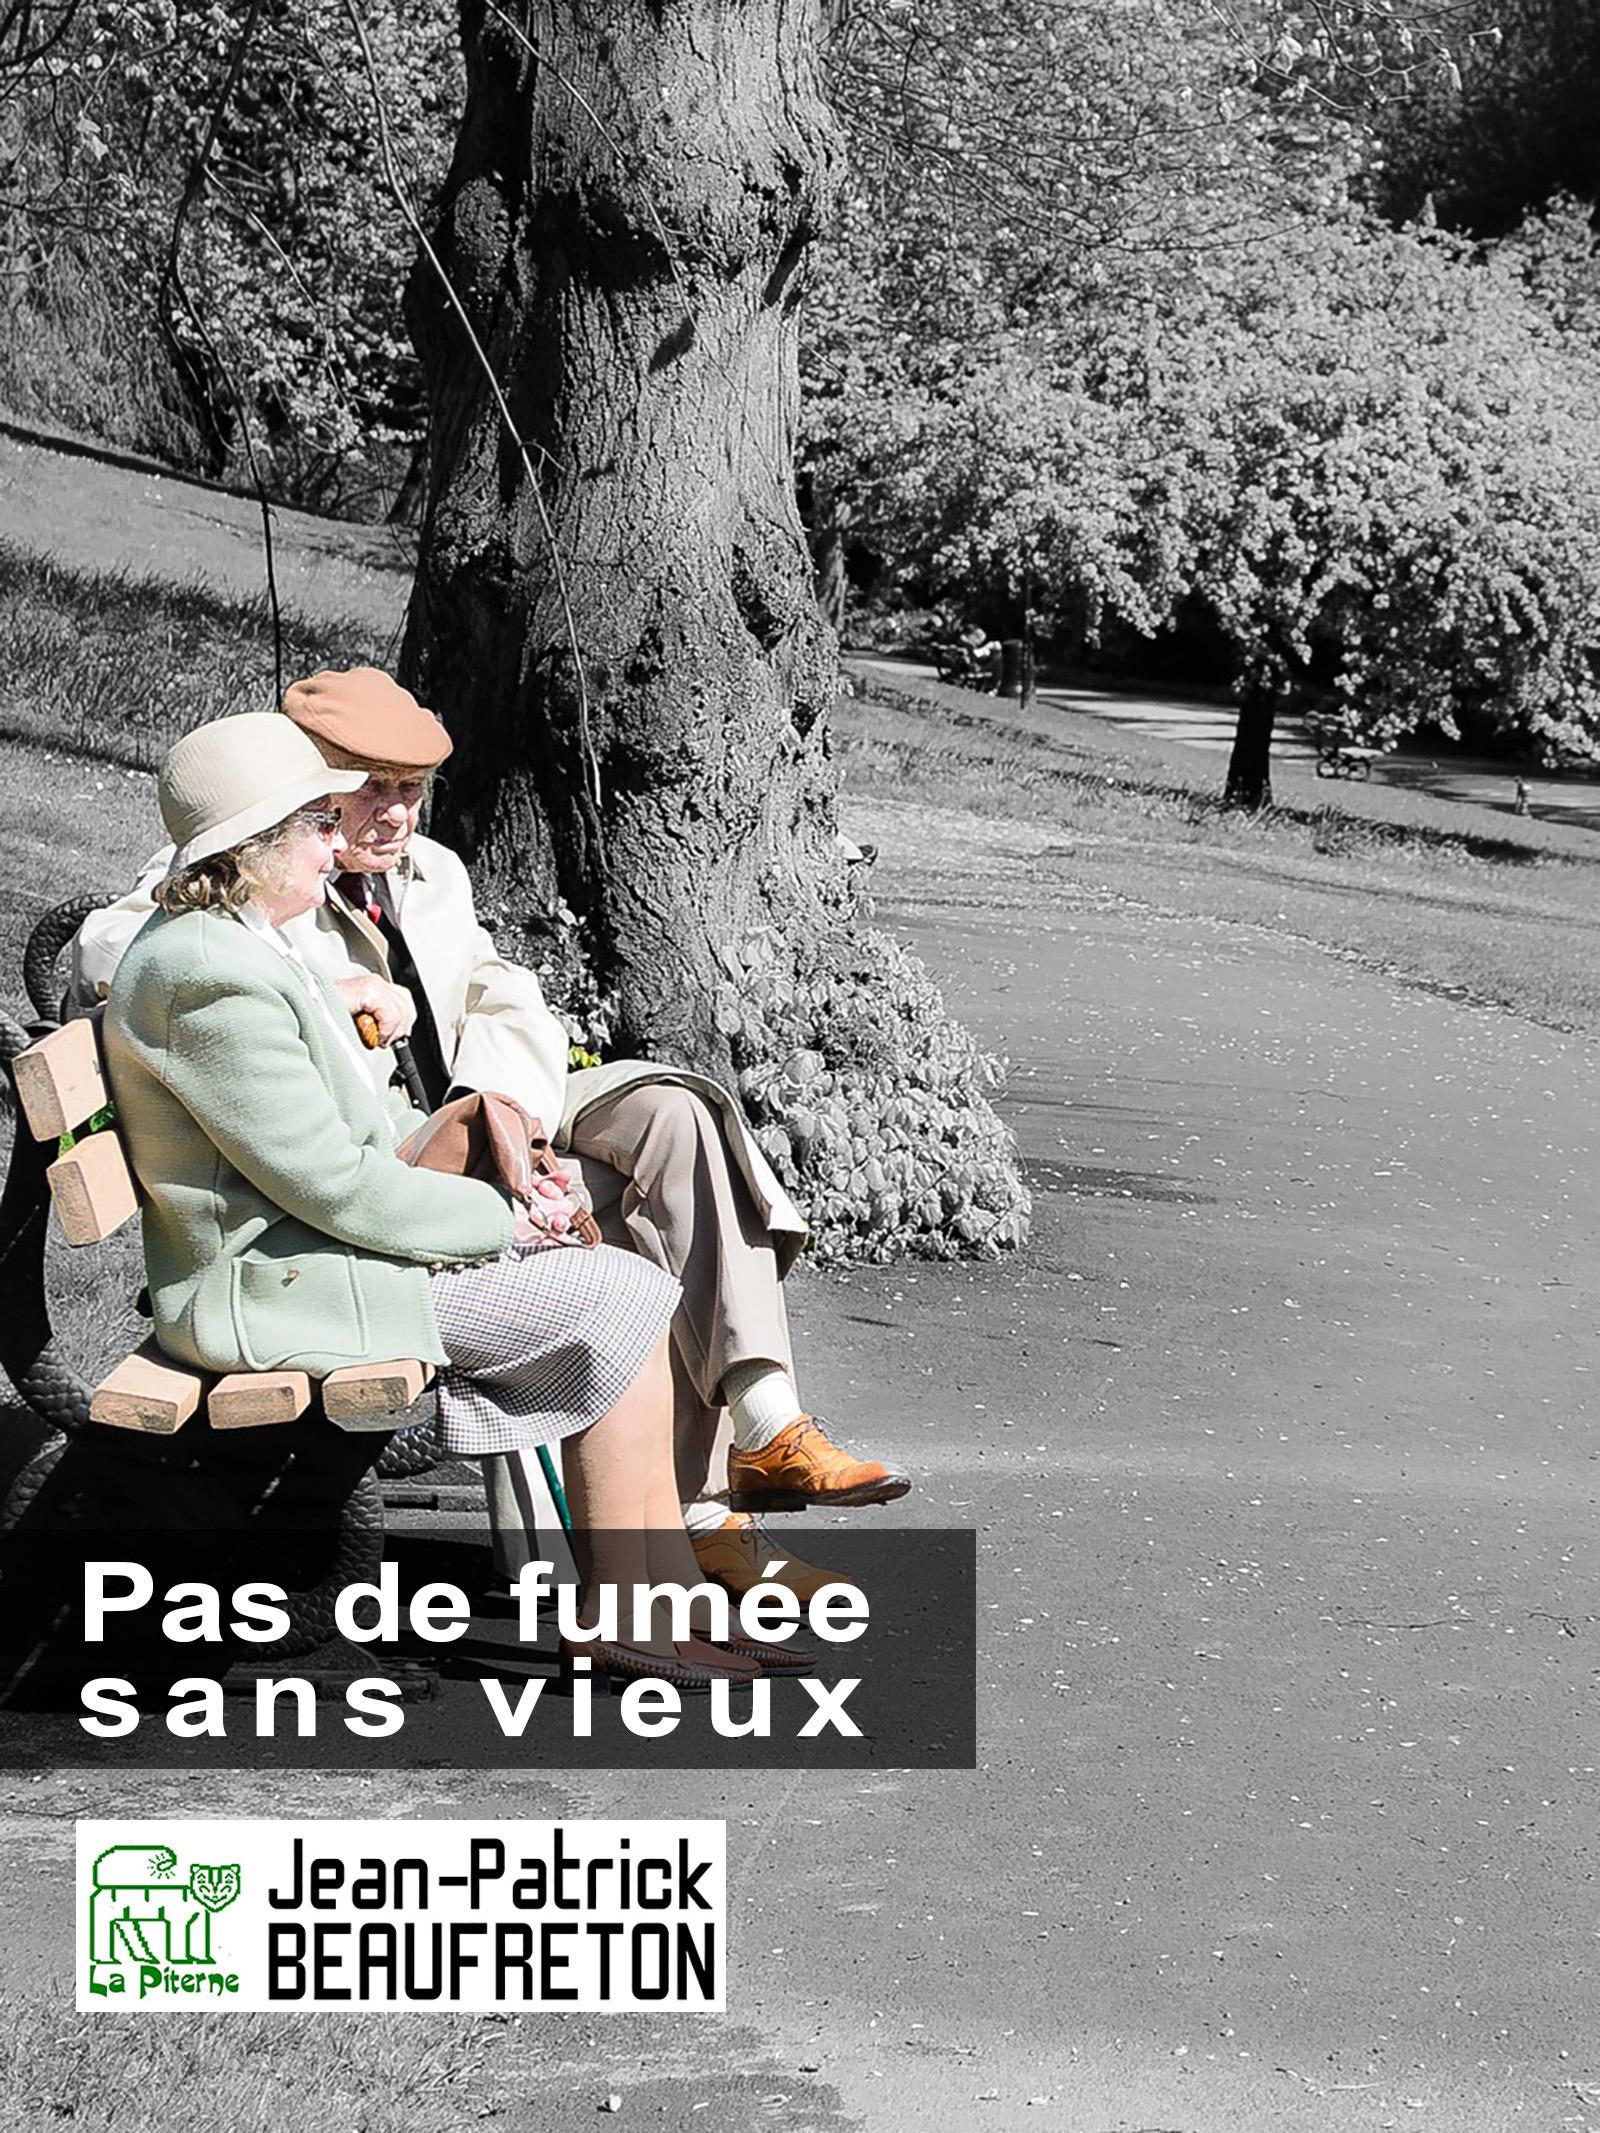 Pas de fumée sans vieux  - Jean-Patrick Beaufreton